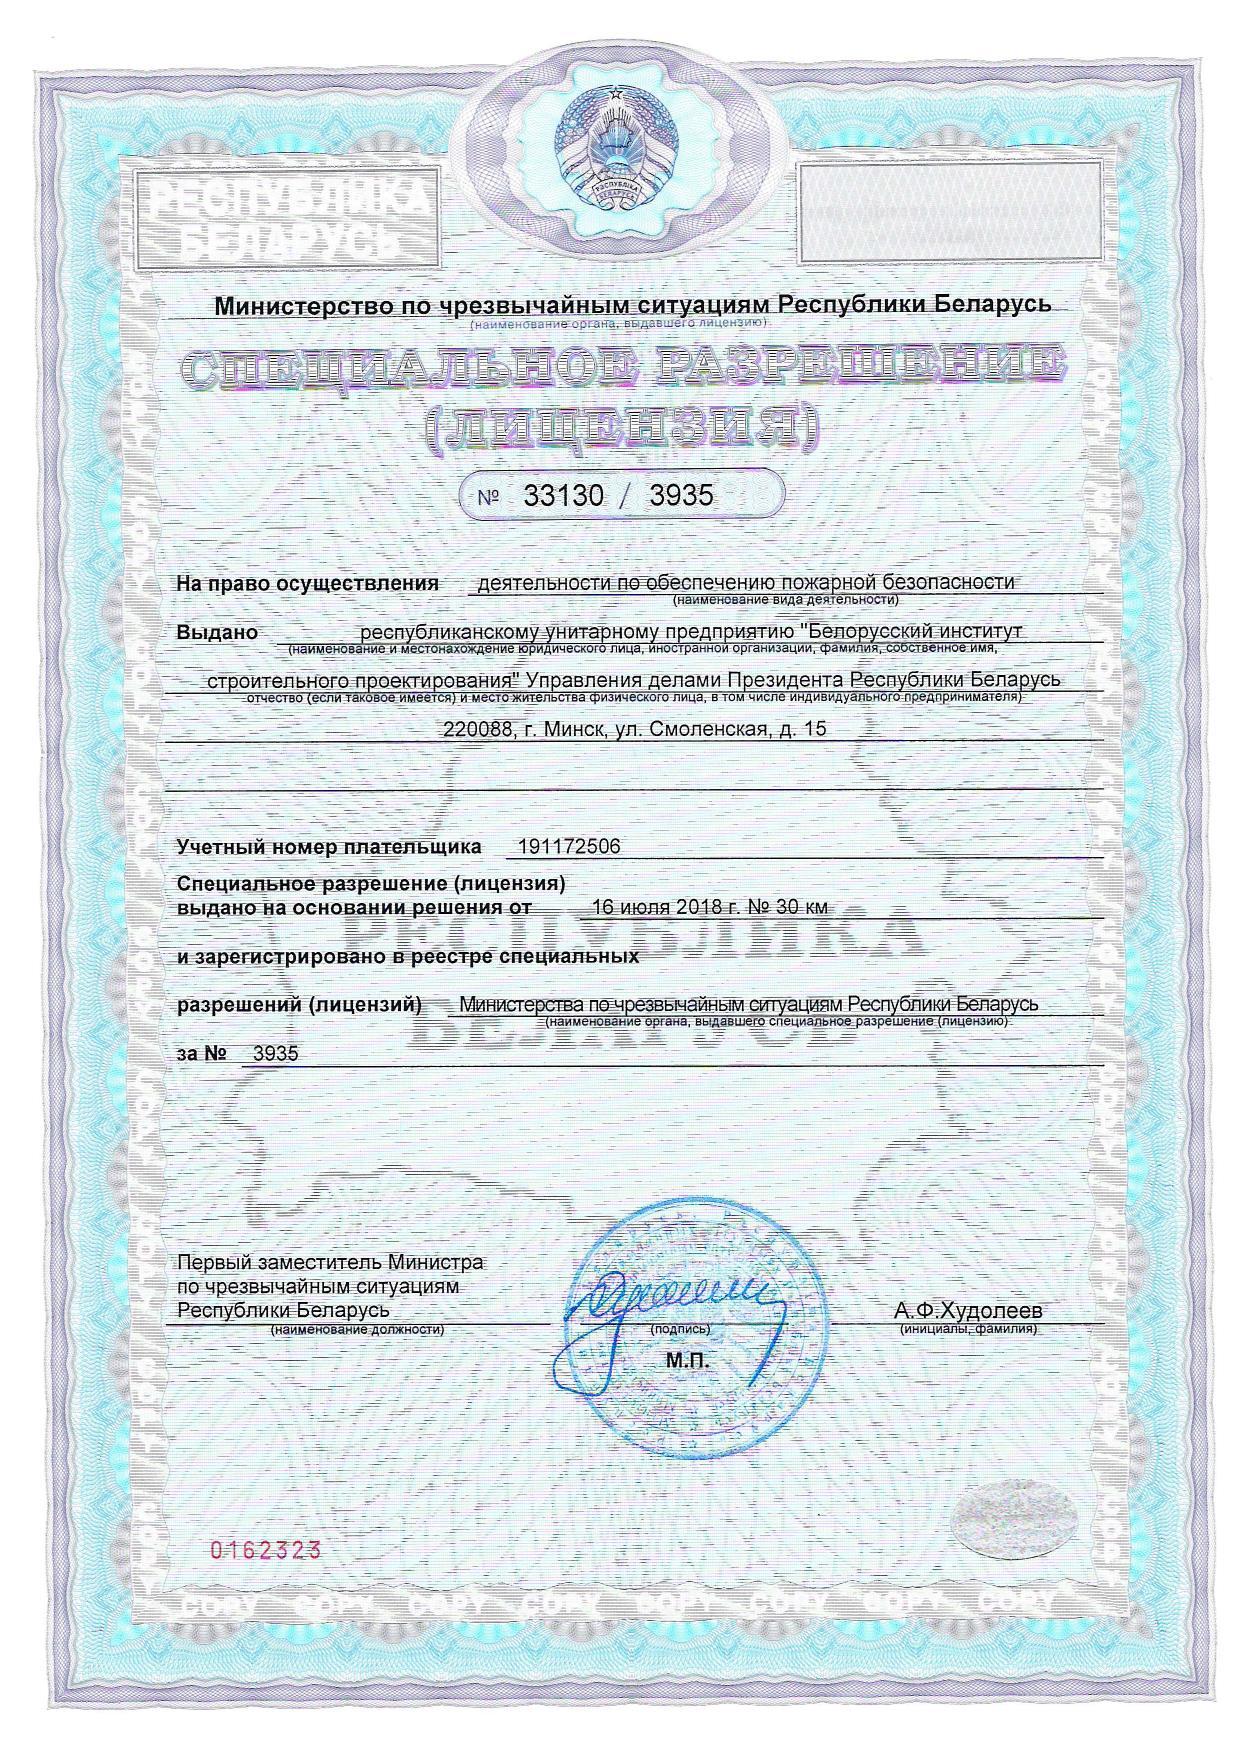 8 Лицензия МЧС (проектирование систем сигнализации, пожаротушения, противодымной защиты, оповещения...)